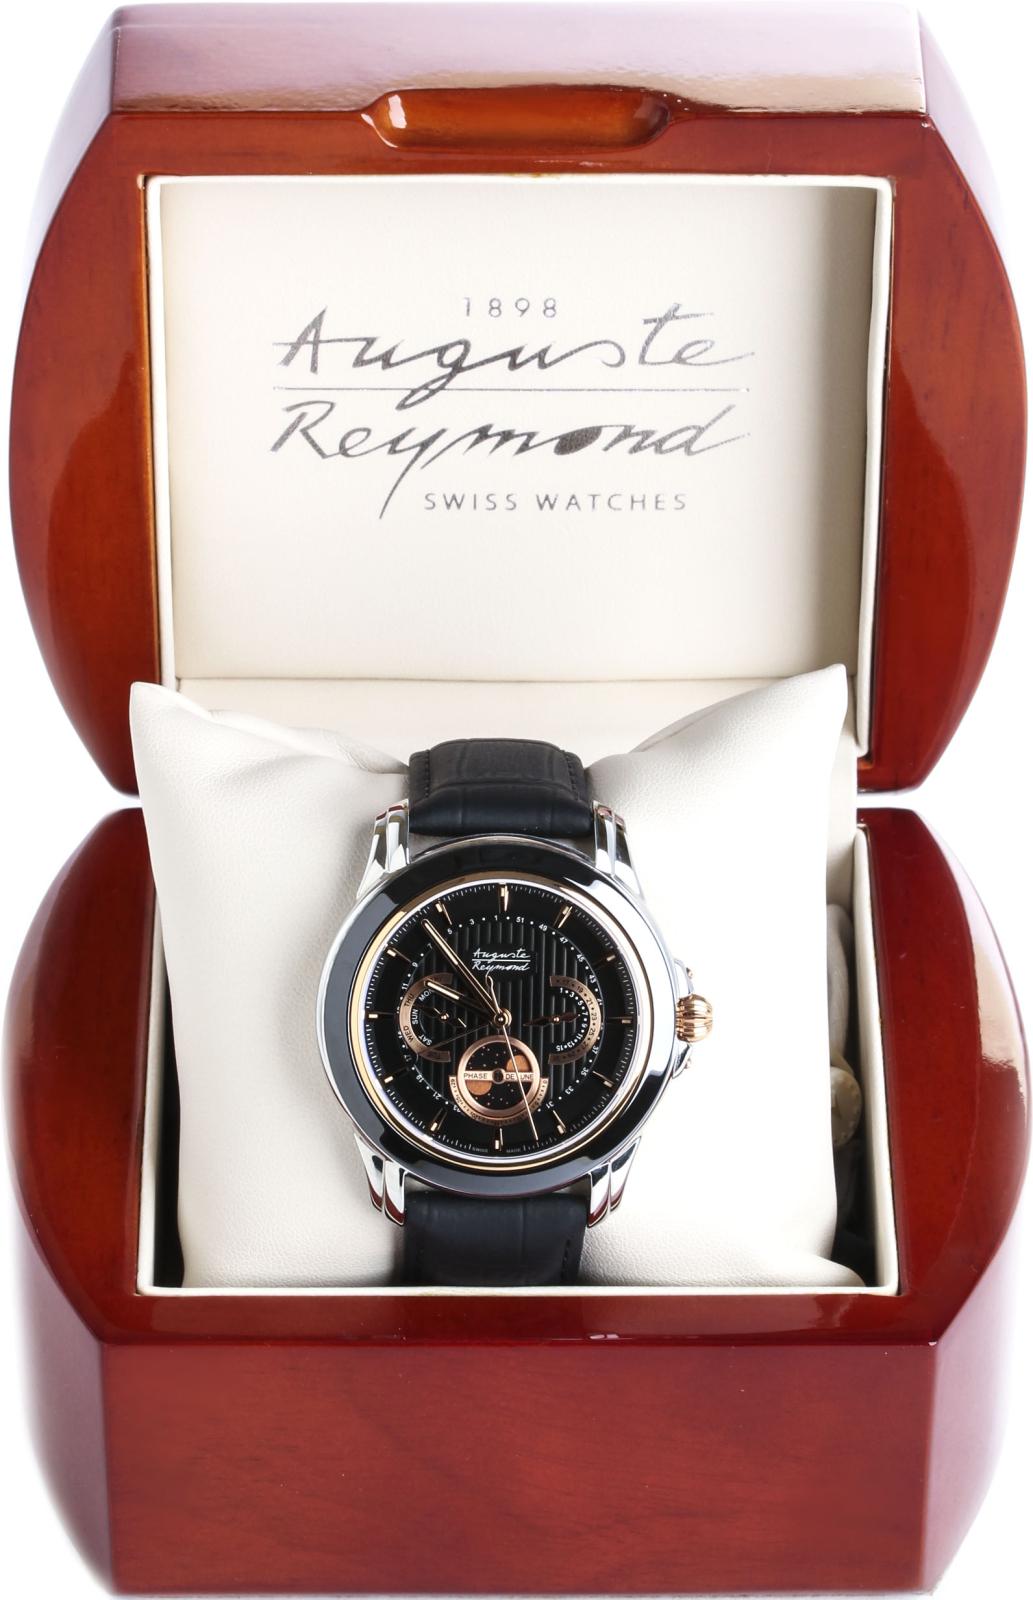 Auguste Reymond AR7689.3.210.5Наручные часы<br>Швейцарские часы&amp;nbsp;Auguste Reymond&amp;nbsp;Magellan Lunar &amp;nbsp;AR7689.3.210.5<br><br>Пол: Мужские<br>Страна-производитель: Швейцария<br>Механизм: Кварцевый<br>Материал корпуса: Сталь<br>Материал ремня/браслета: Кожа<br>Водозащита, диапазон: 20 - 100 м<br>Стекло: Сапфировое<br>Толщина корпуса: 11 мм<br>Стиль: Мода